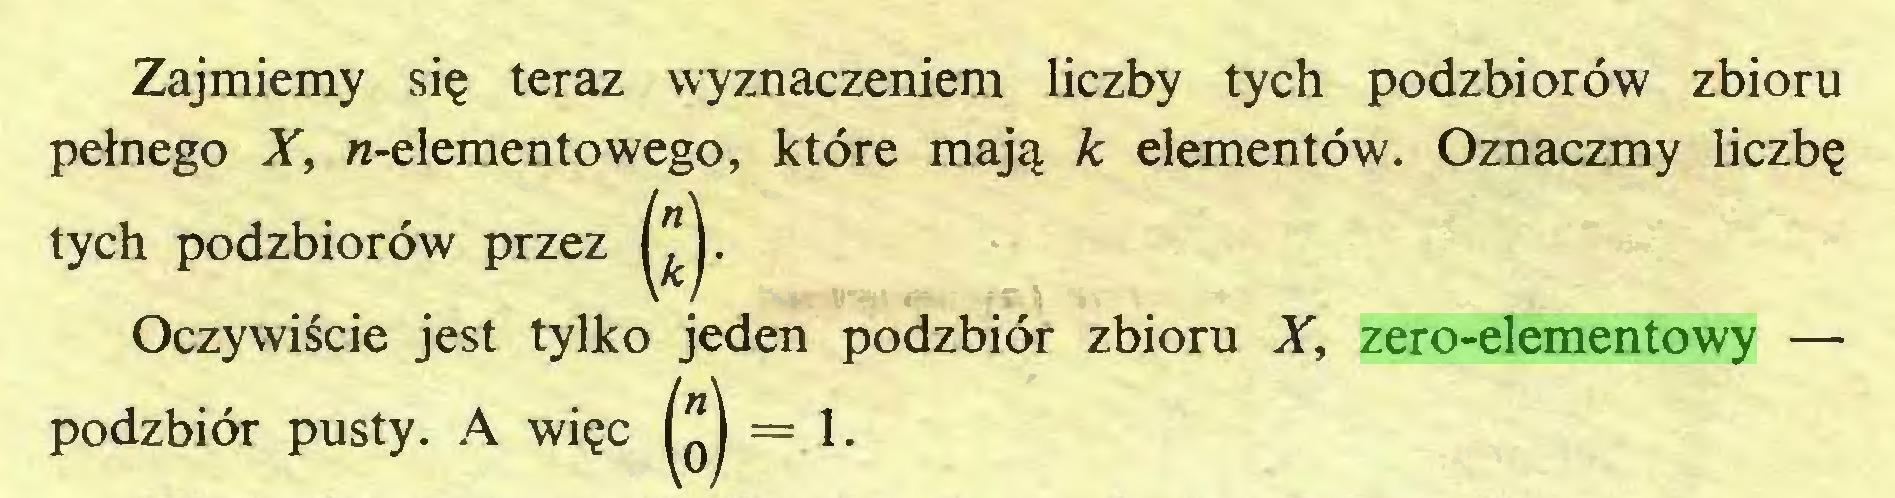 (...) Zajmiemy się teraz wyznaczeniem liczby tych podzbiorów zbioru pełnego X, «-elementowego, które mają k elementów. Oznaczmy liczbę tych podzbiorów przez Oczywiście jest tylko jeden podzbiór zbioru X, zero-elementowy — podzbiór pusty. A więc = 1...